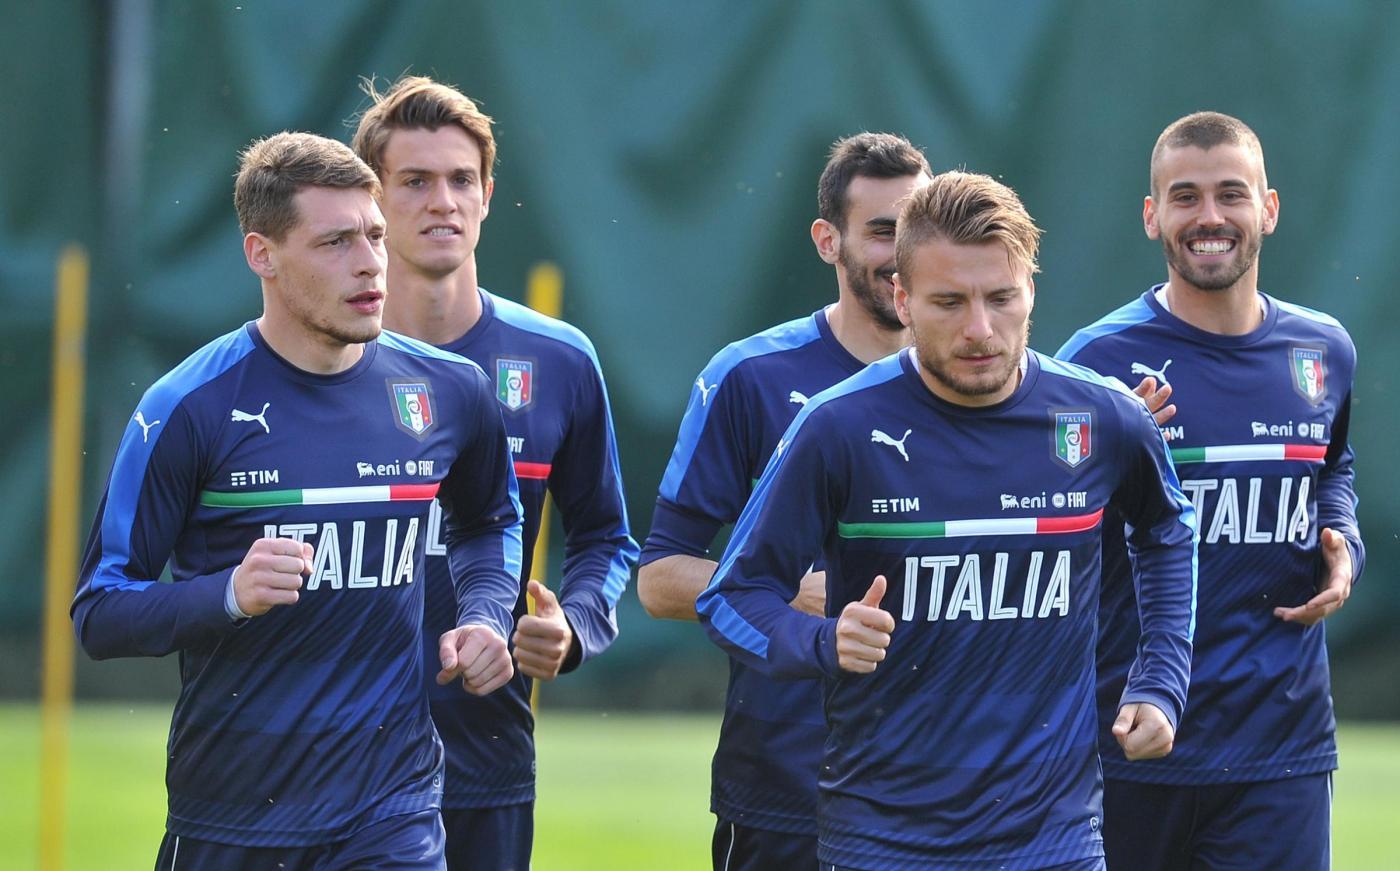 Il 1 giugno amichevole Francia-Italia a Nizza, chi sarà il ct azzurro?